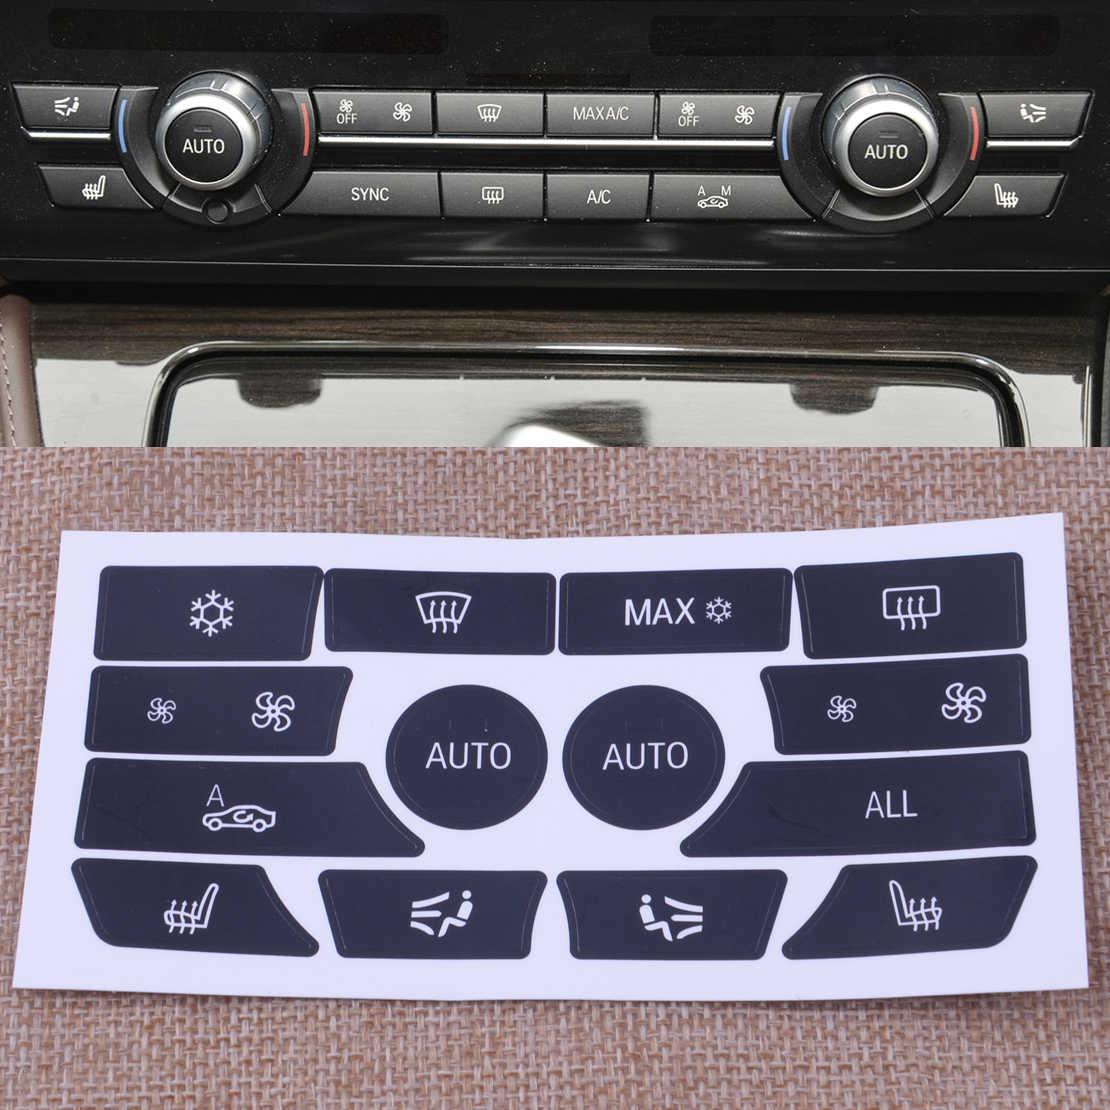 Наклейки на кнопки панели авто